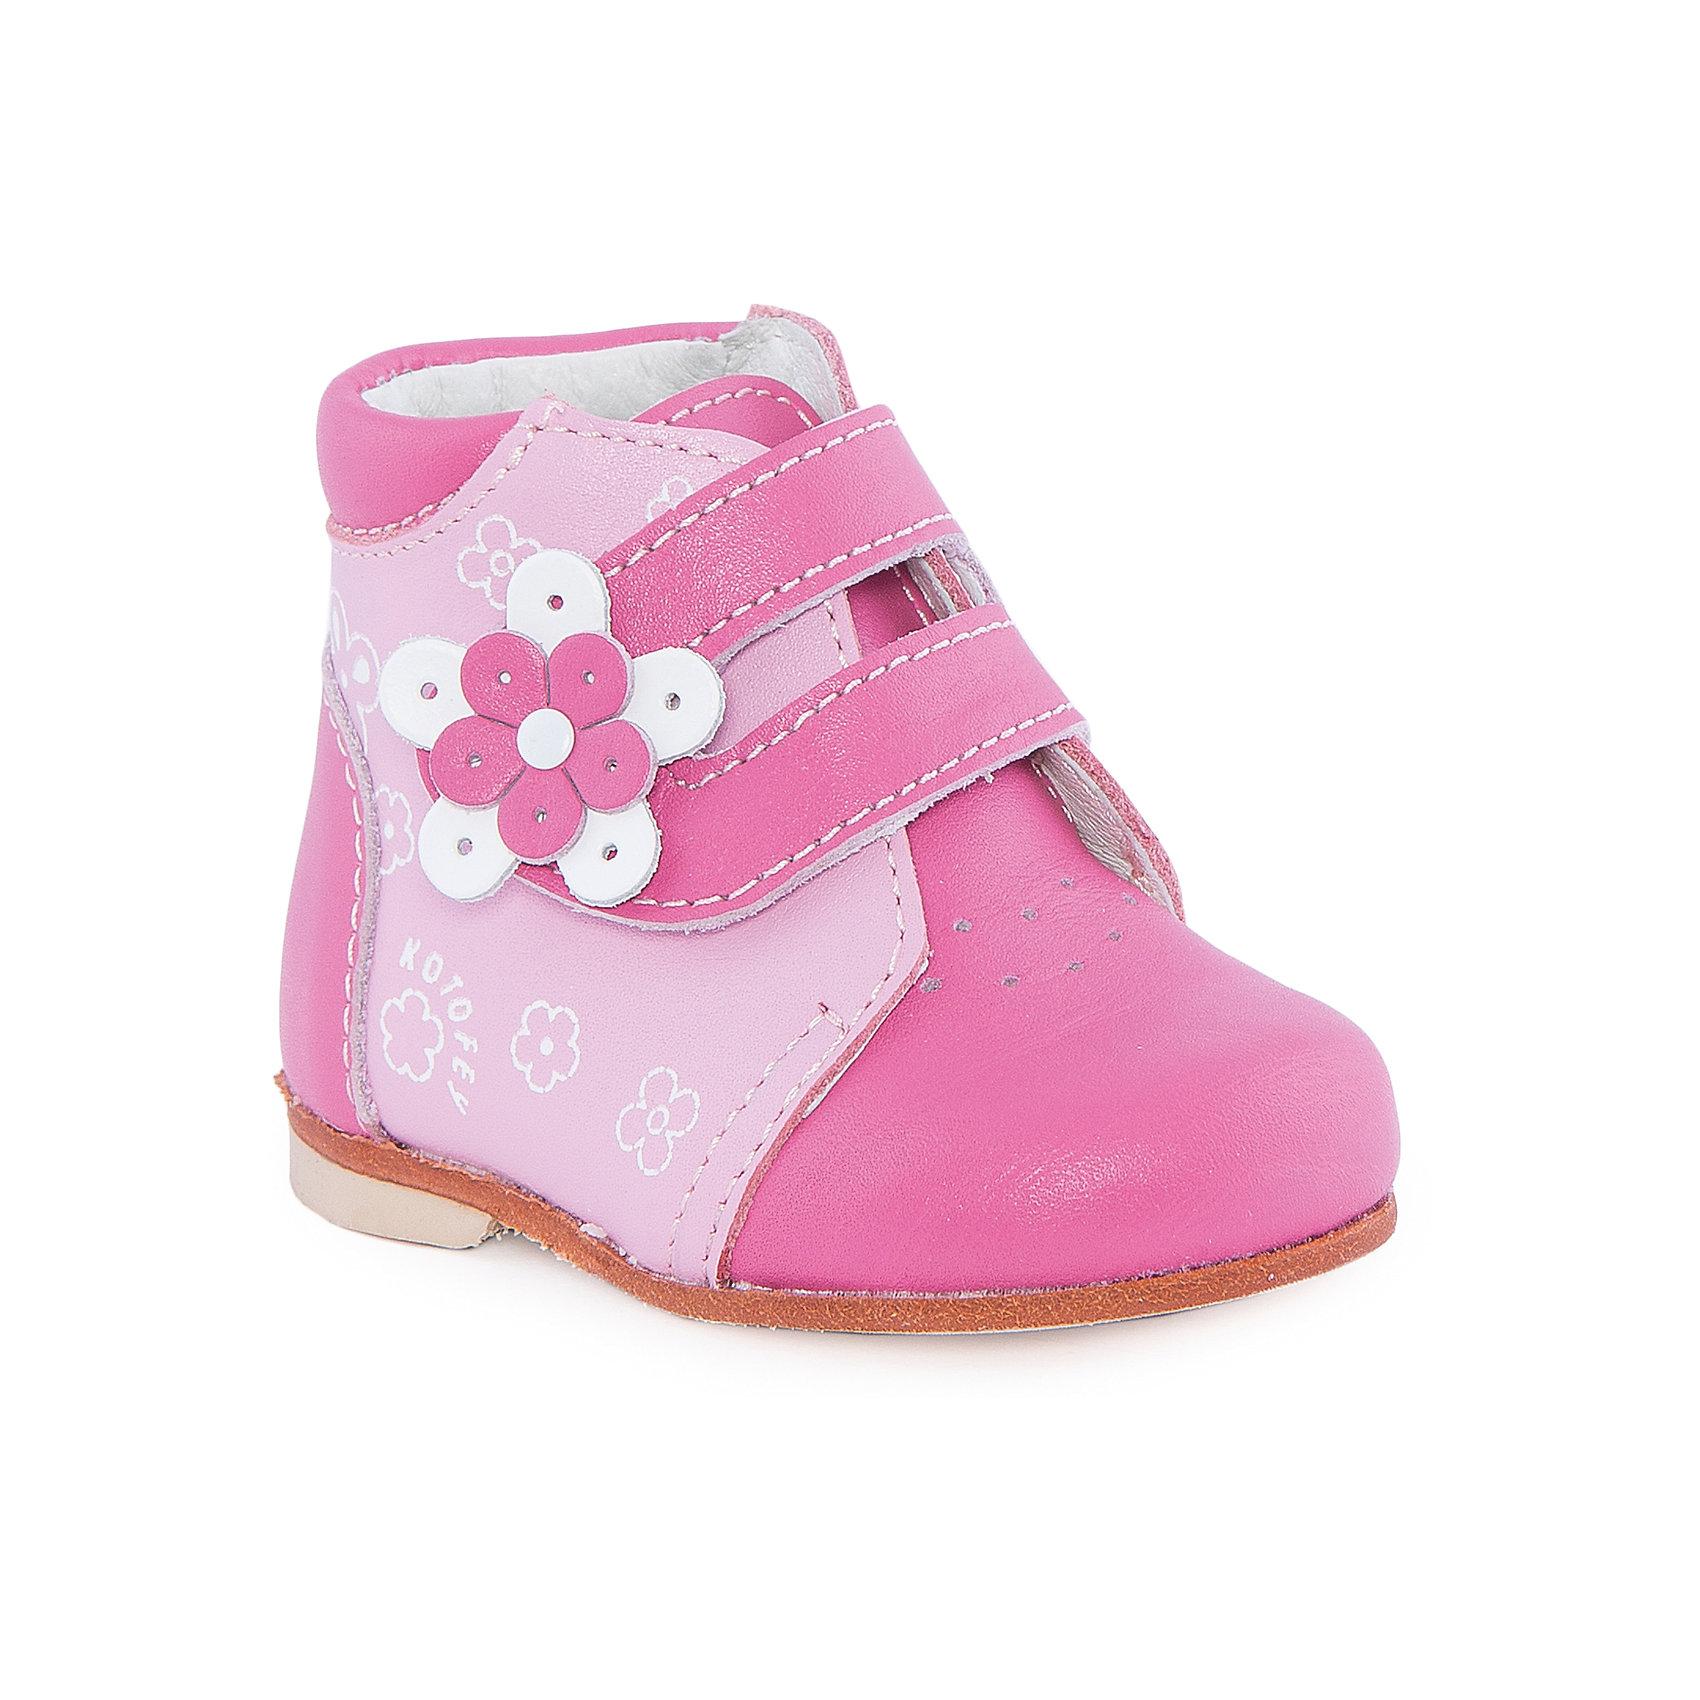 Ботинки для девочки КотофейБотинки для девочки от известного российского бренда Котофей <br><br>Красивые и удобные ботинки изготовлены из натуральной кожи, выполнены в розовом цвете. <br>Верх сделан из материала, обеспечивающего воздухопроницаемость и вентиляцию ноги. Специальная подошва позволяет избегать скольжения практически на любой поверхности.<br><br>Особенности модели:<br><br>- цвет: розовый;<br>- устойчивая подошва;<br>- декорированы цветком из кожи, принтом и перфорацией;<br>- застежка: липучка;<br>- вид крепления обуви: клеевой;<br>- анатомическая стелька;<br>- качественные материалы;<br>- модный дизайн.<br><br>Дополнительная информация:<br><br>Температурный режим: от +15° до +25°С.<br><br>Состав: <br><br>верх - натуральная кожа;<br>подкладка - натуральная кожа;<br>подошва - натуральная кожа.<br><br>Ботинки для девочки Котофей можно купить в нашем магазине.<br><br>Ширина мм: 262<br>Глубина мм: 176<br>Высота мм: 97<br>Вес г: 427<br>Цвет: розовый<br>Возраст от месяцев: 6<br>Возраст до месяцев: 9<br>Пол: Женский<br>Возраст: Детский<br>Размер: 19,21,20,18<br>SKU: 4565589